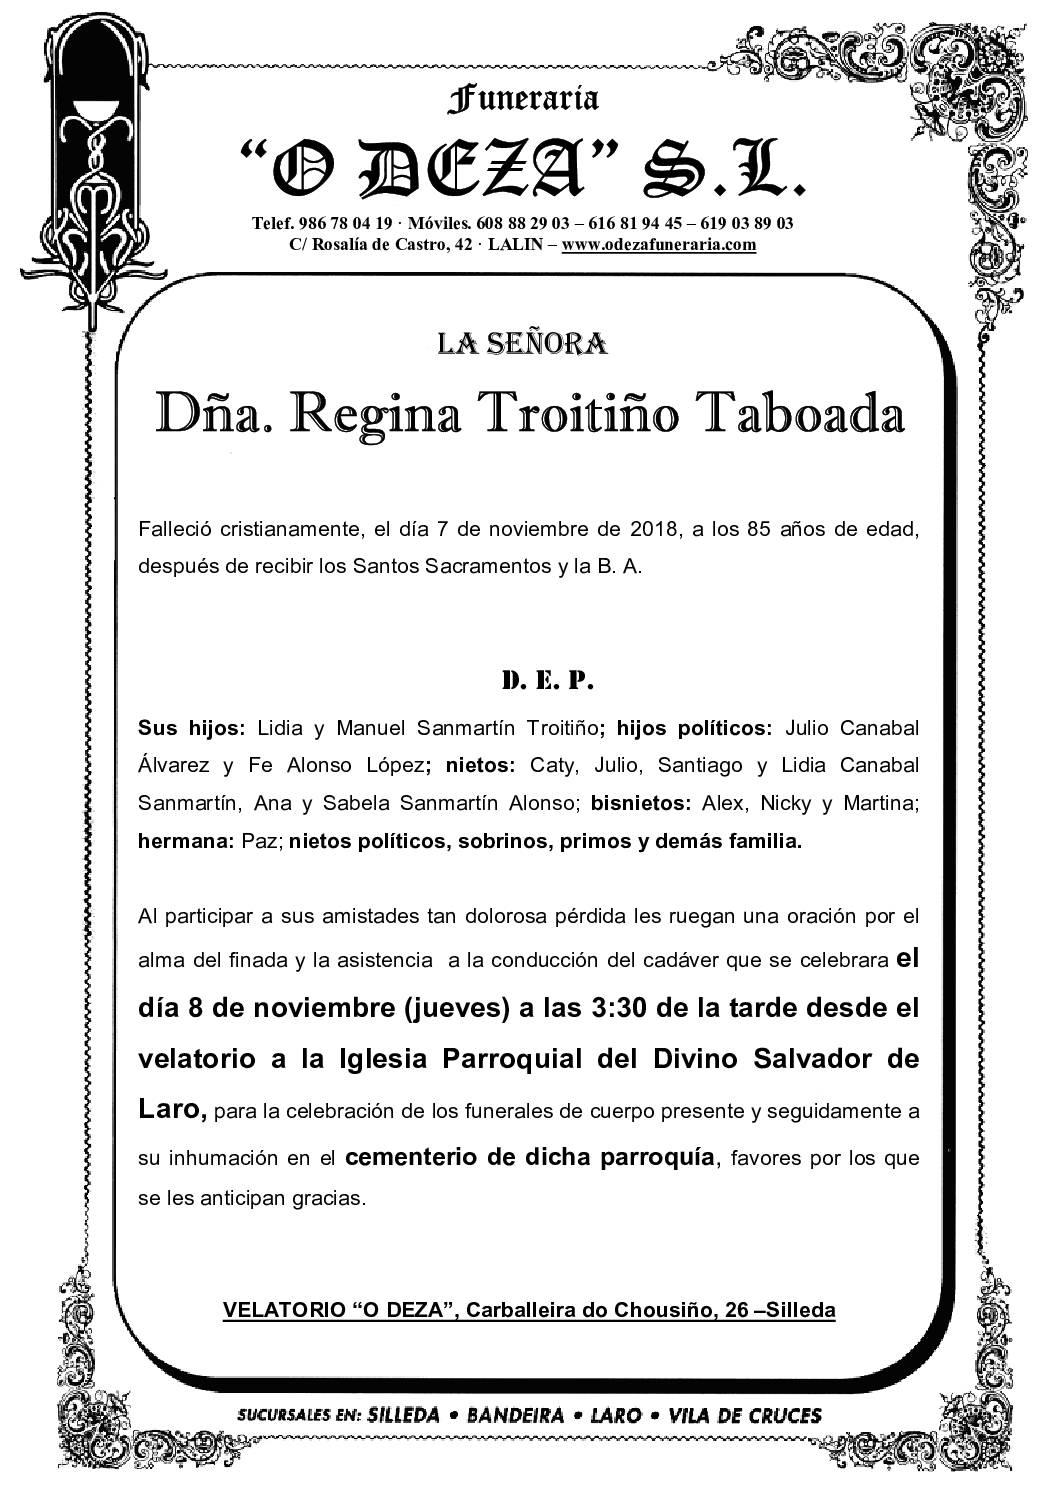 DÑA. REGINA TROITIÑO TABOADA